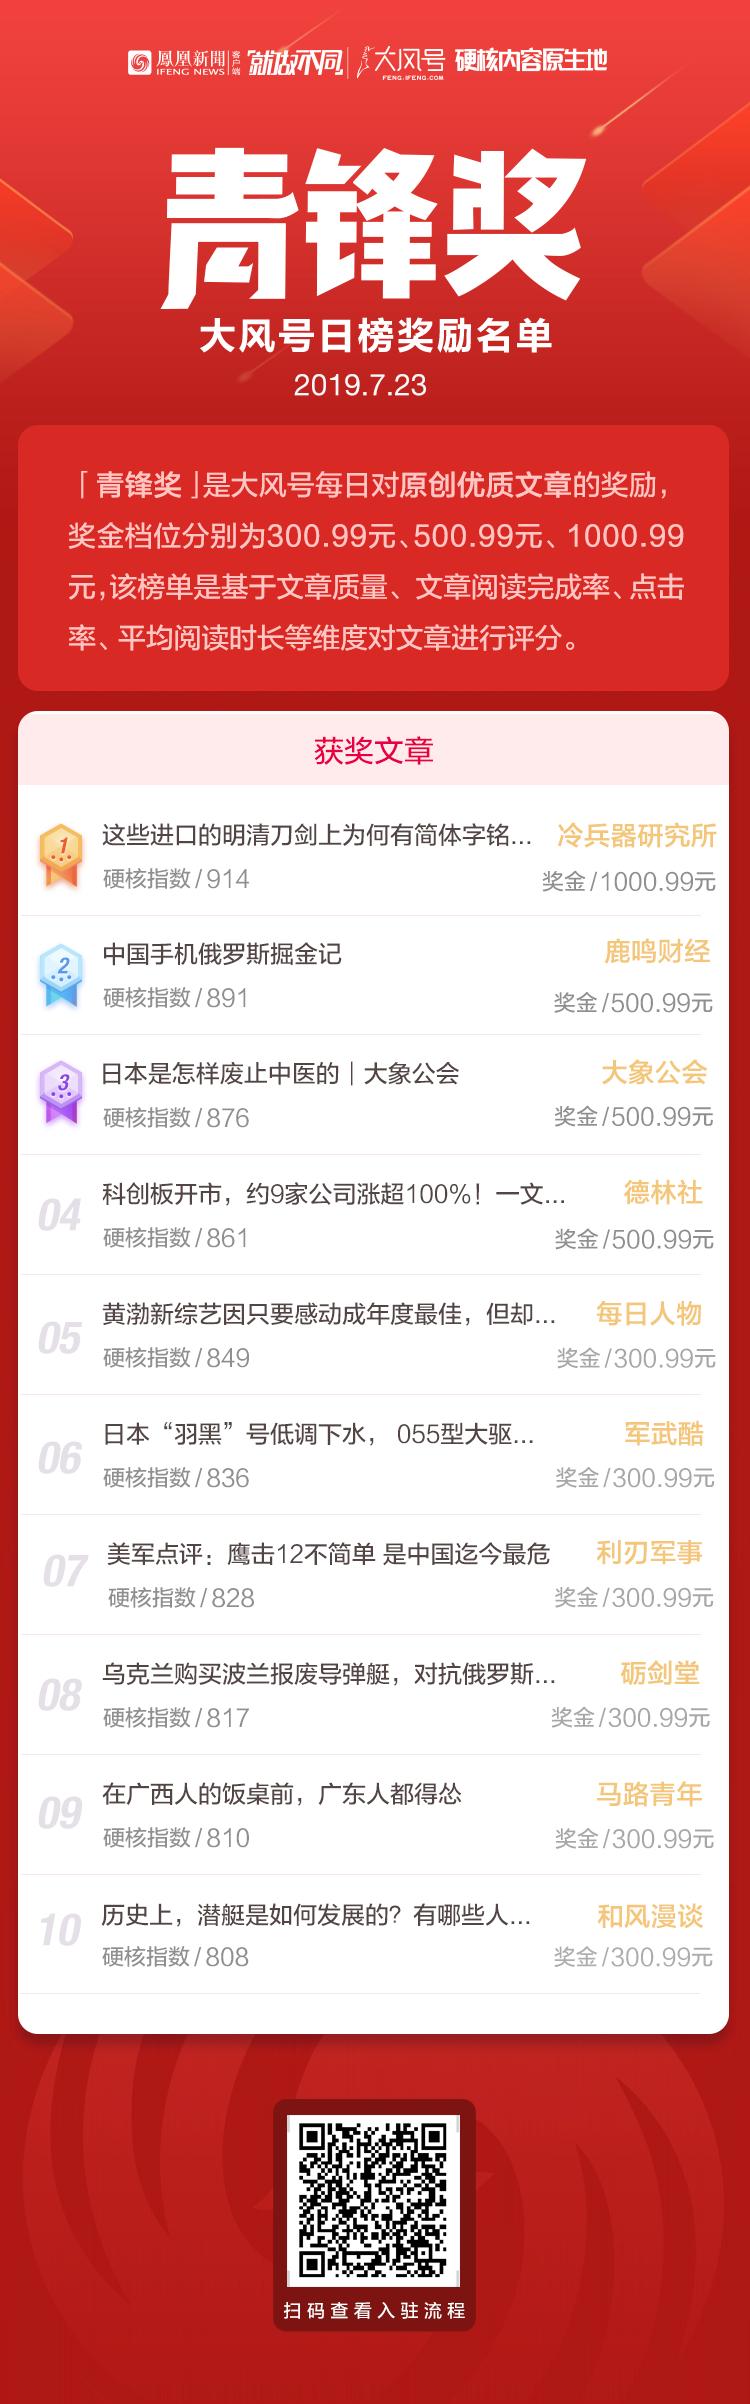 大风号「青锋奖」榜单公布(7月23日)